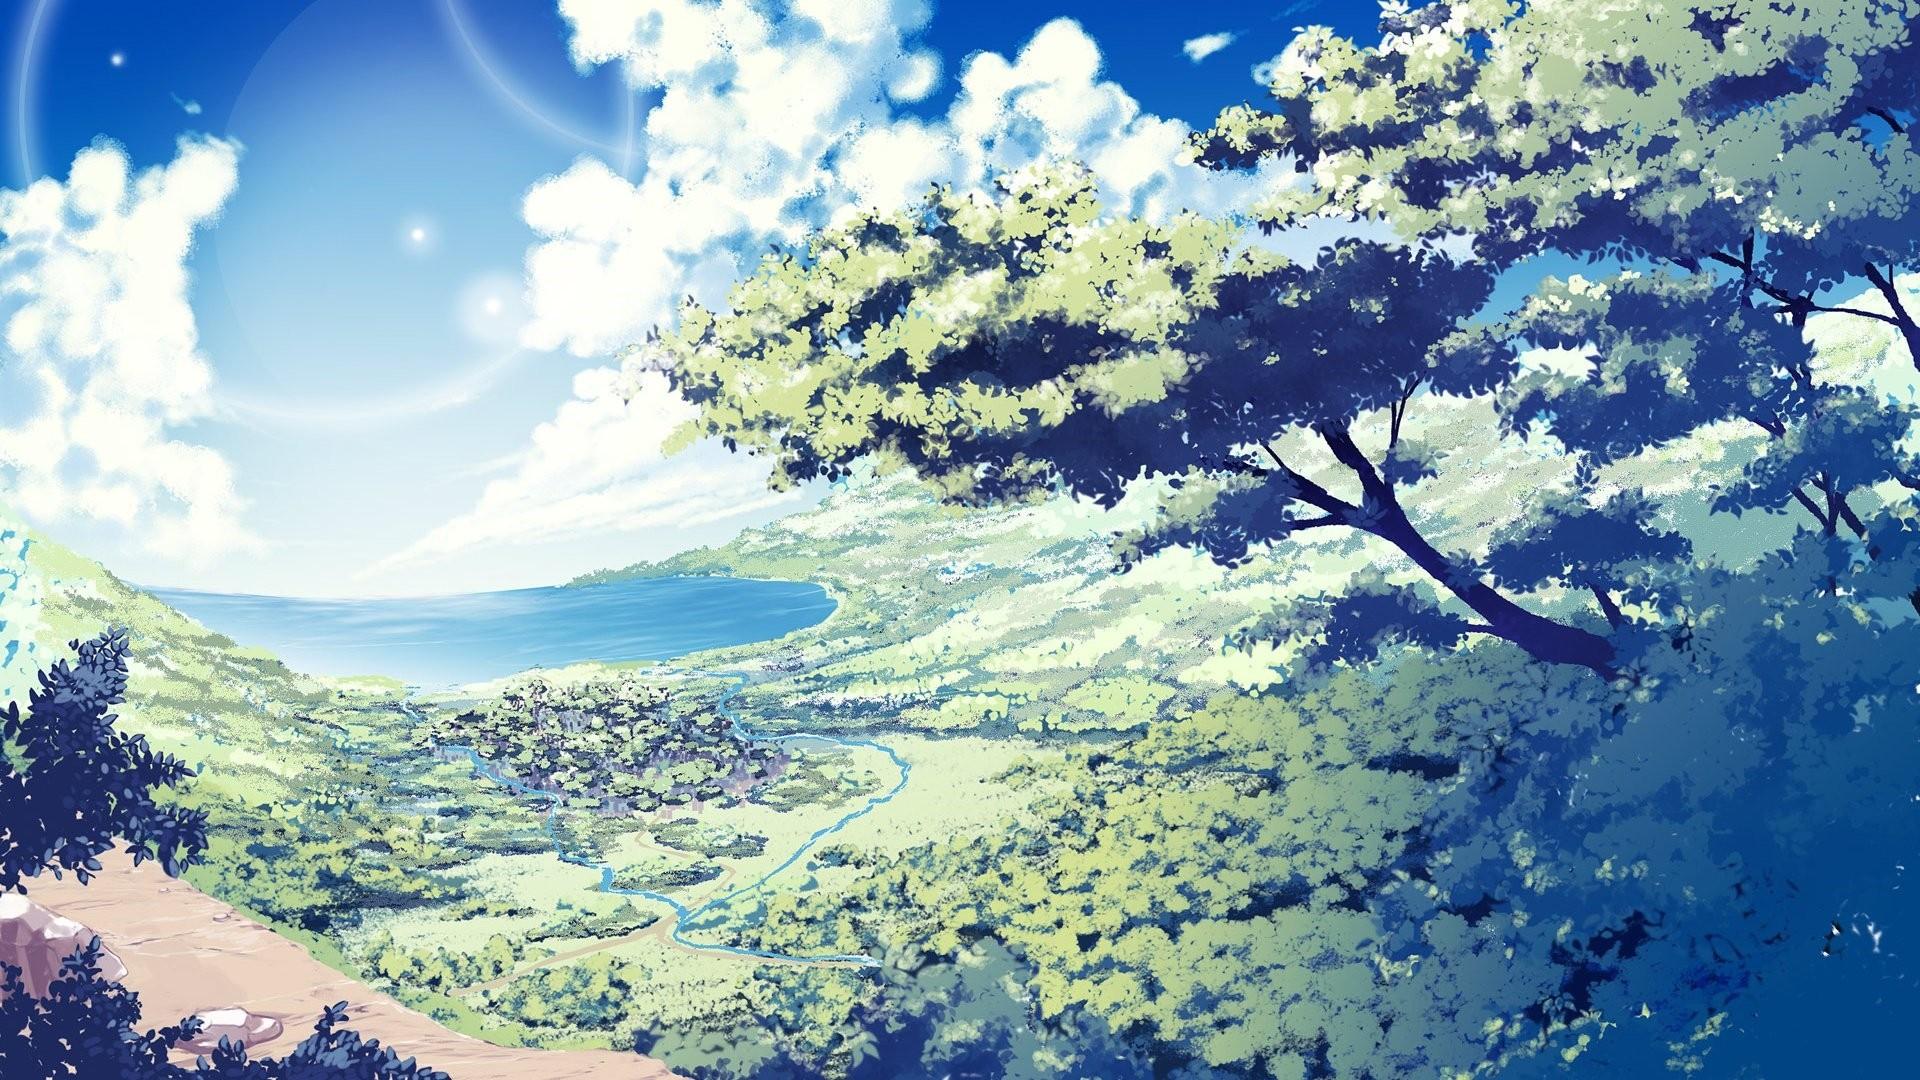 Anime Scenery hd desktop wallpaper